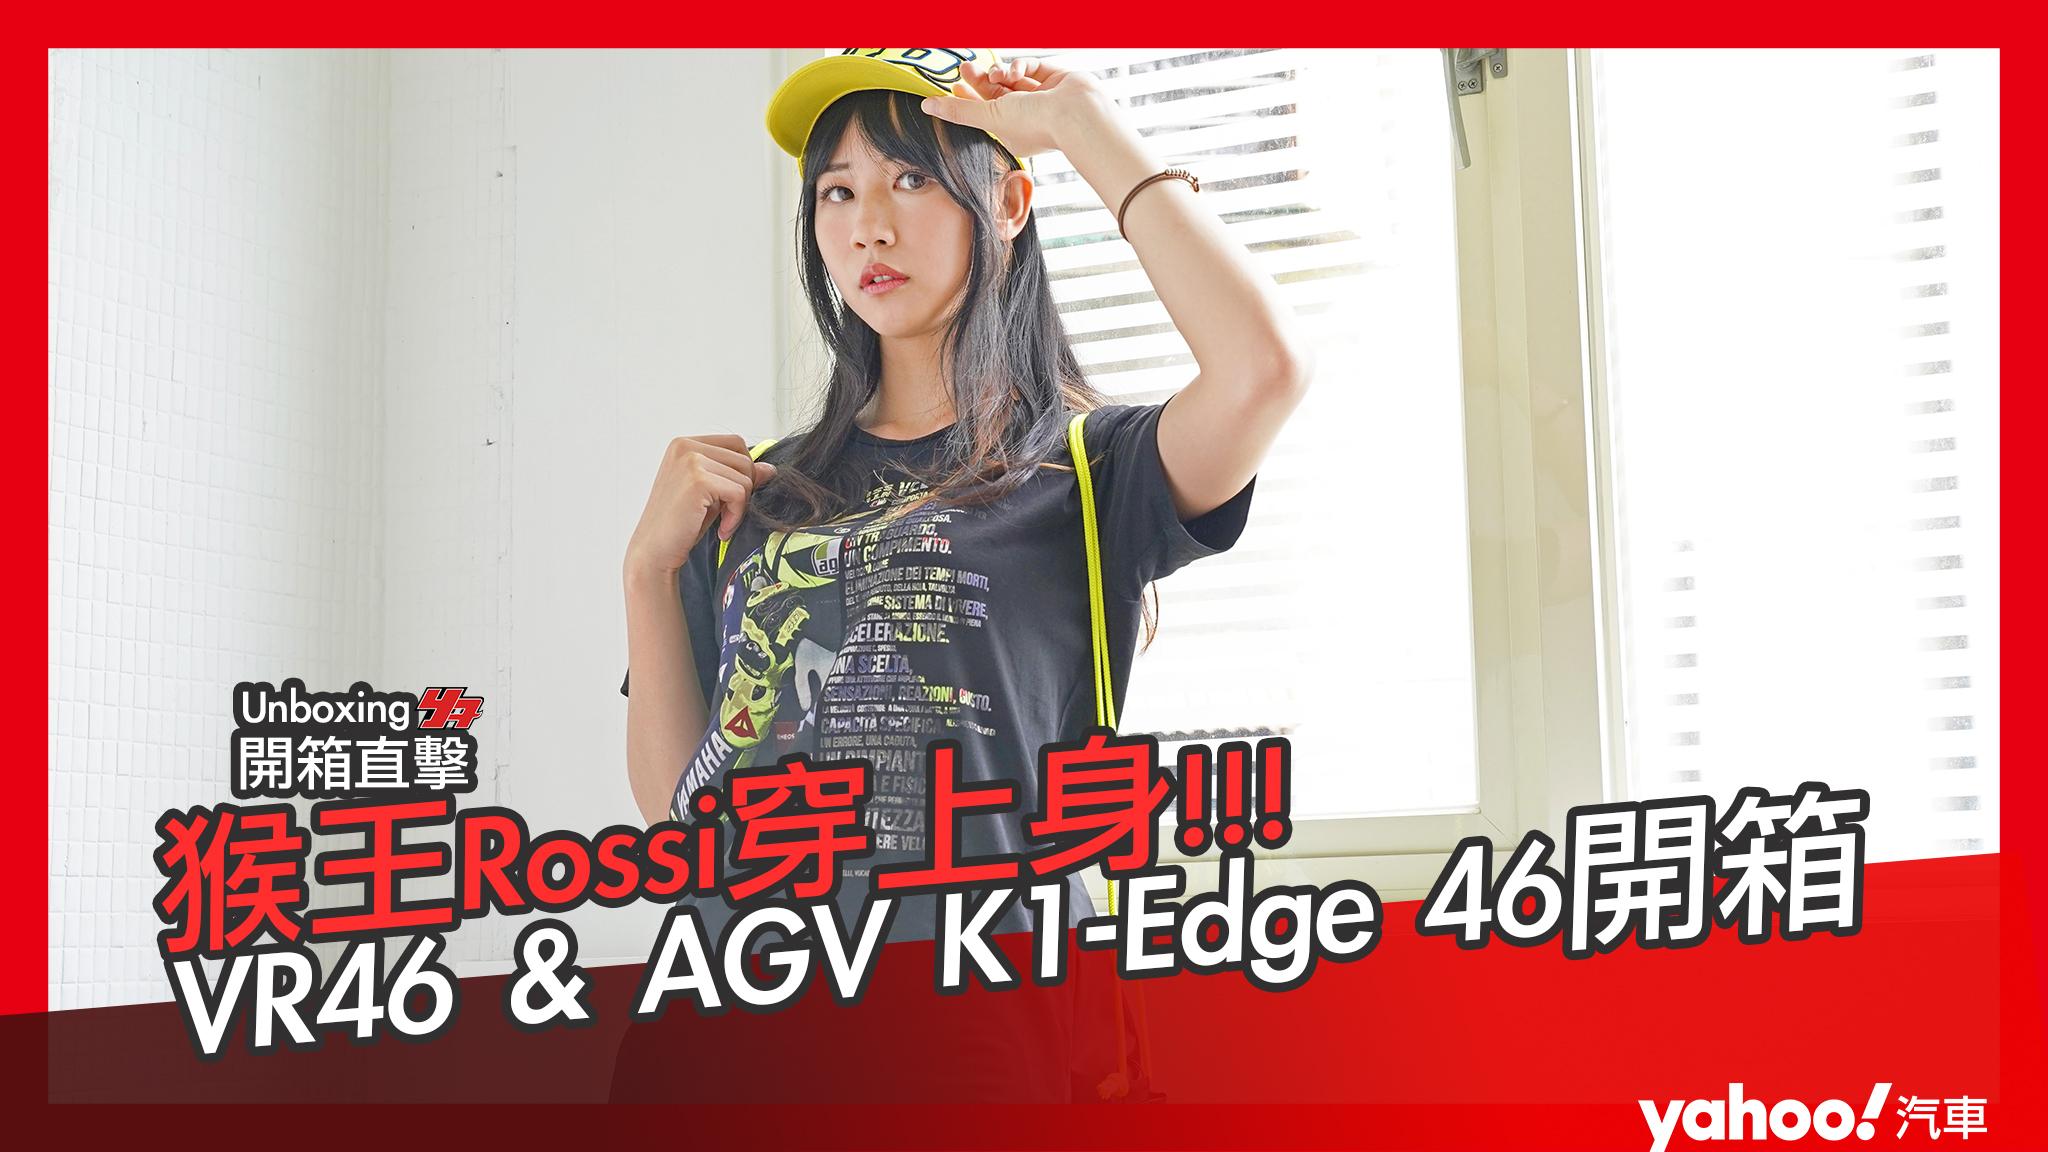 【開箱直擊】猴王風格穿上身!車界最潮品牌VR46 & AGV K1-Edge 46很Rossi開箱!